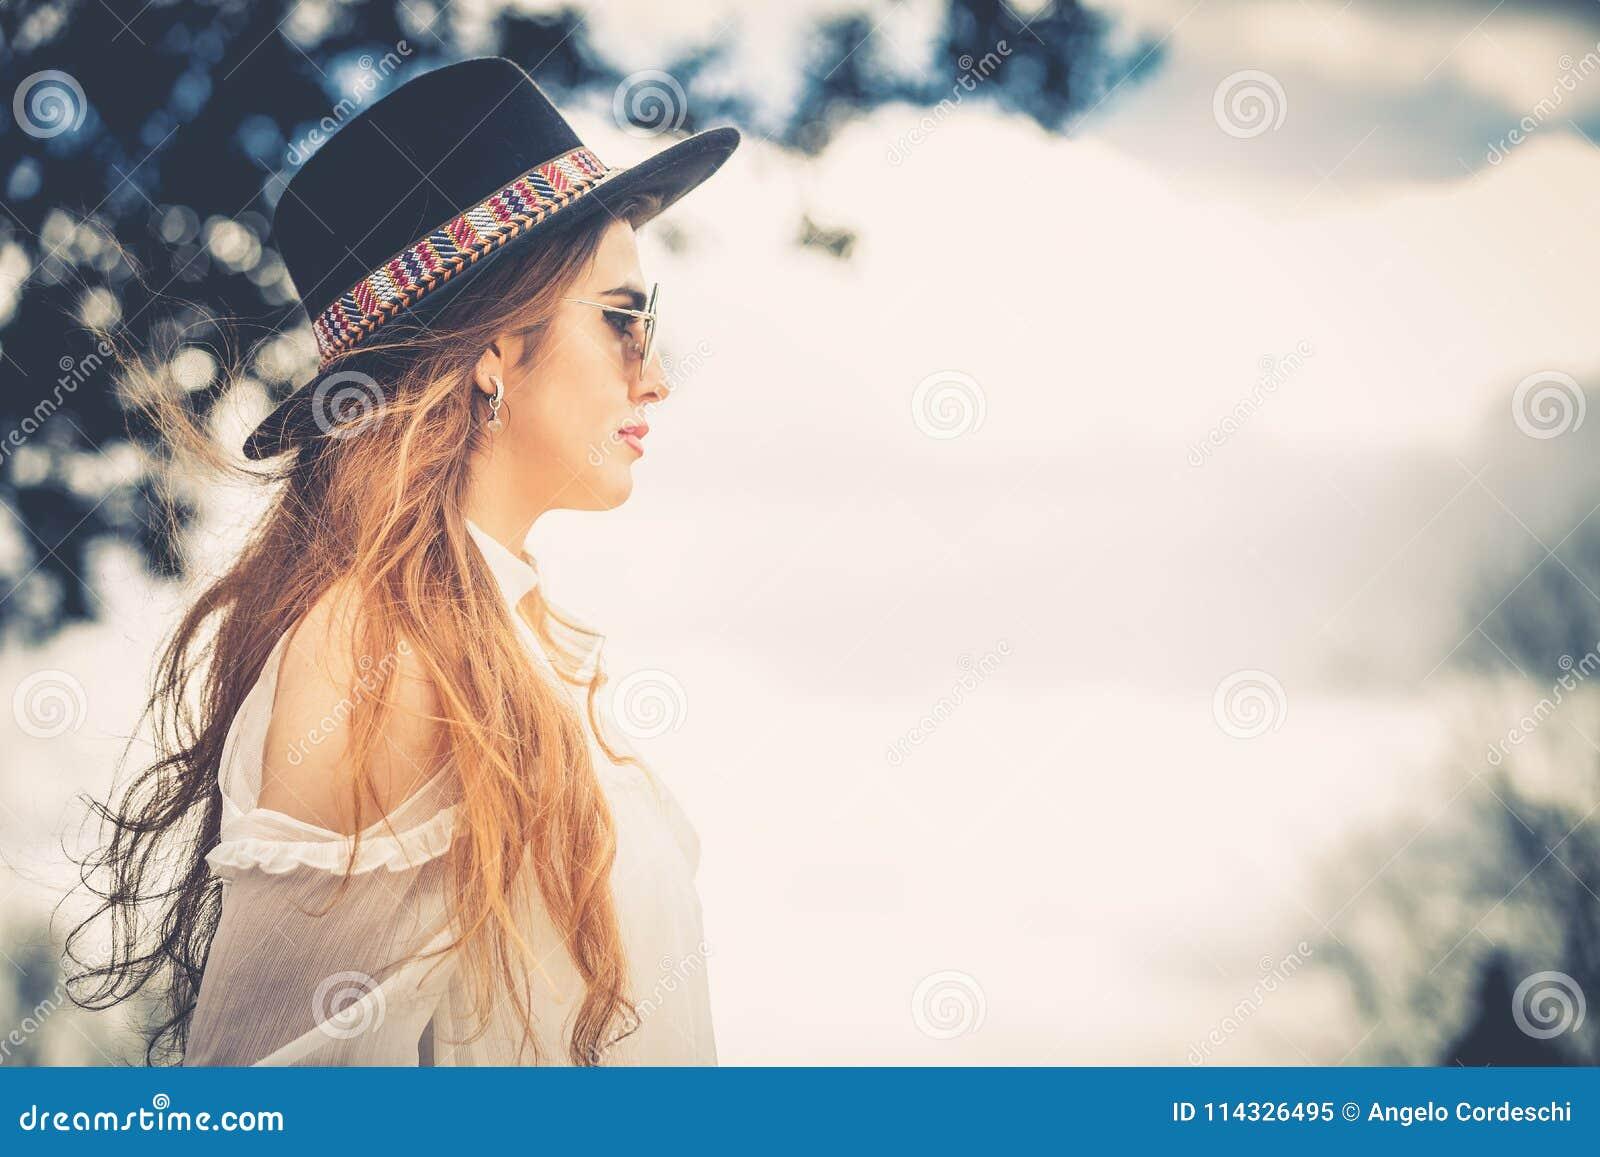 Profil długie włosy z kapeluszem i okularami przeciwsłonecznymi modna kobieta